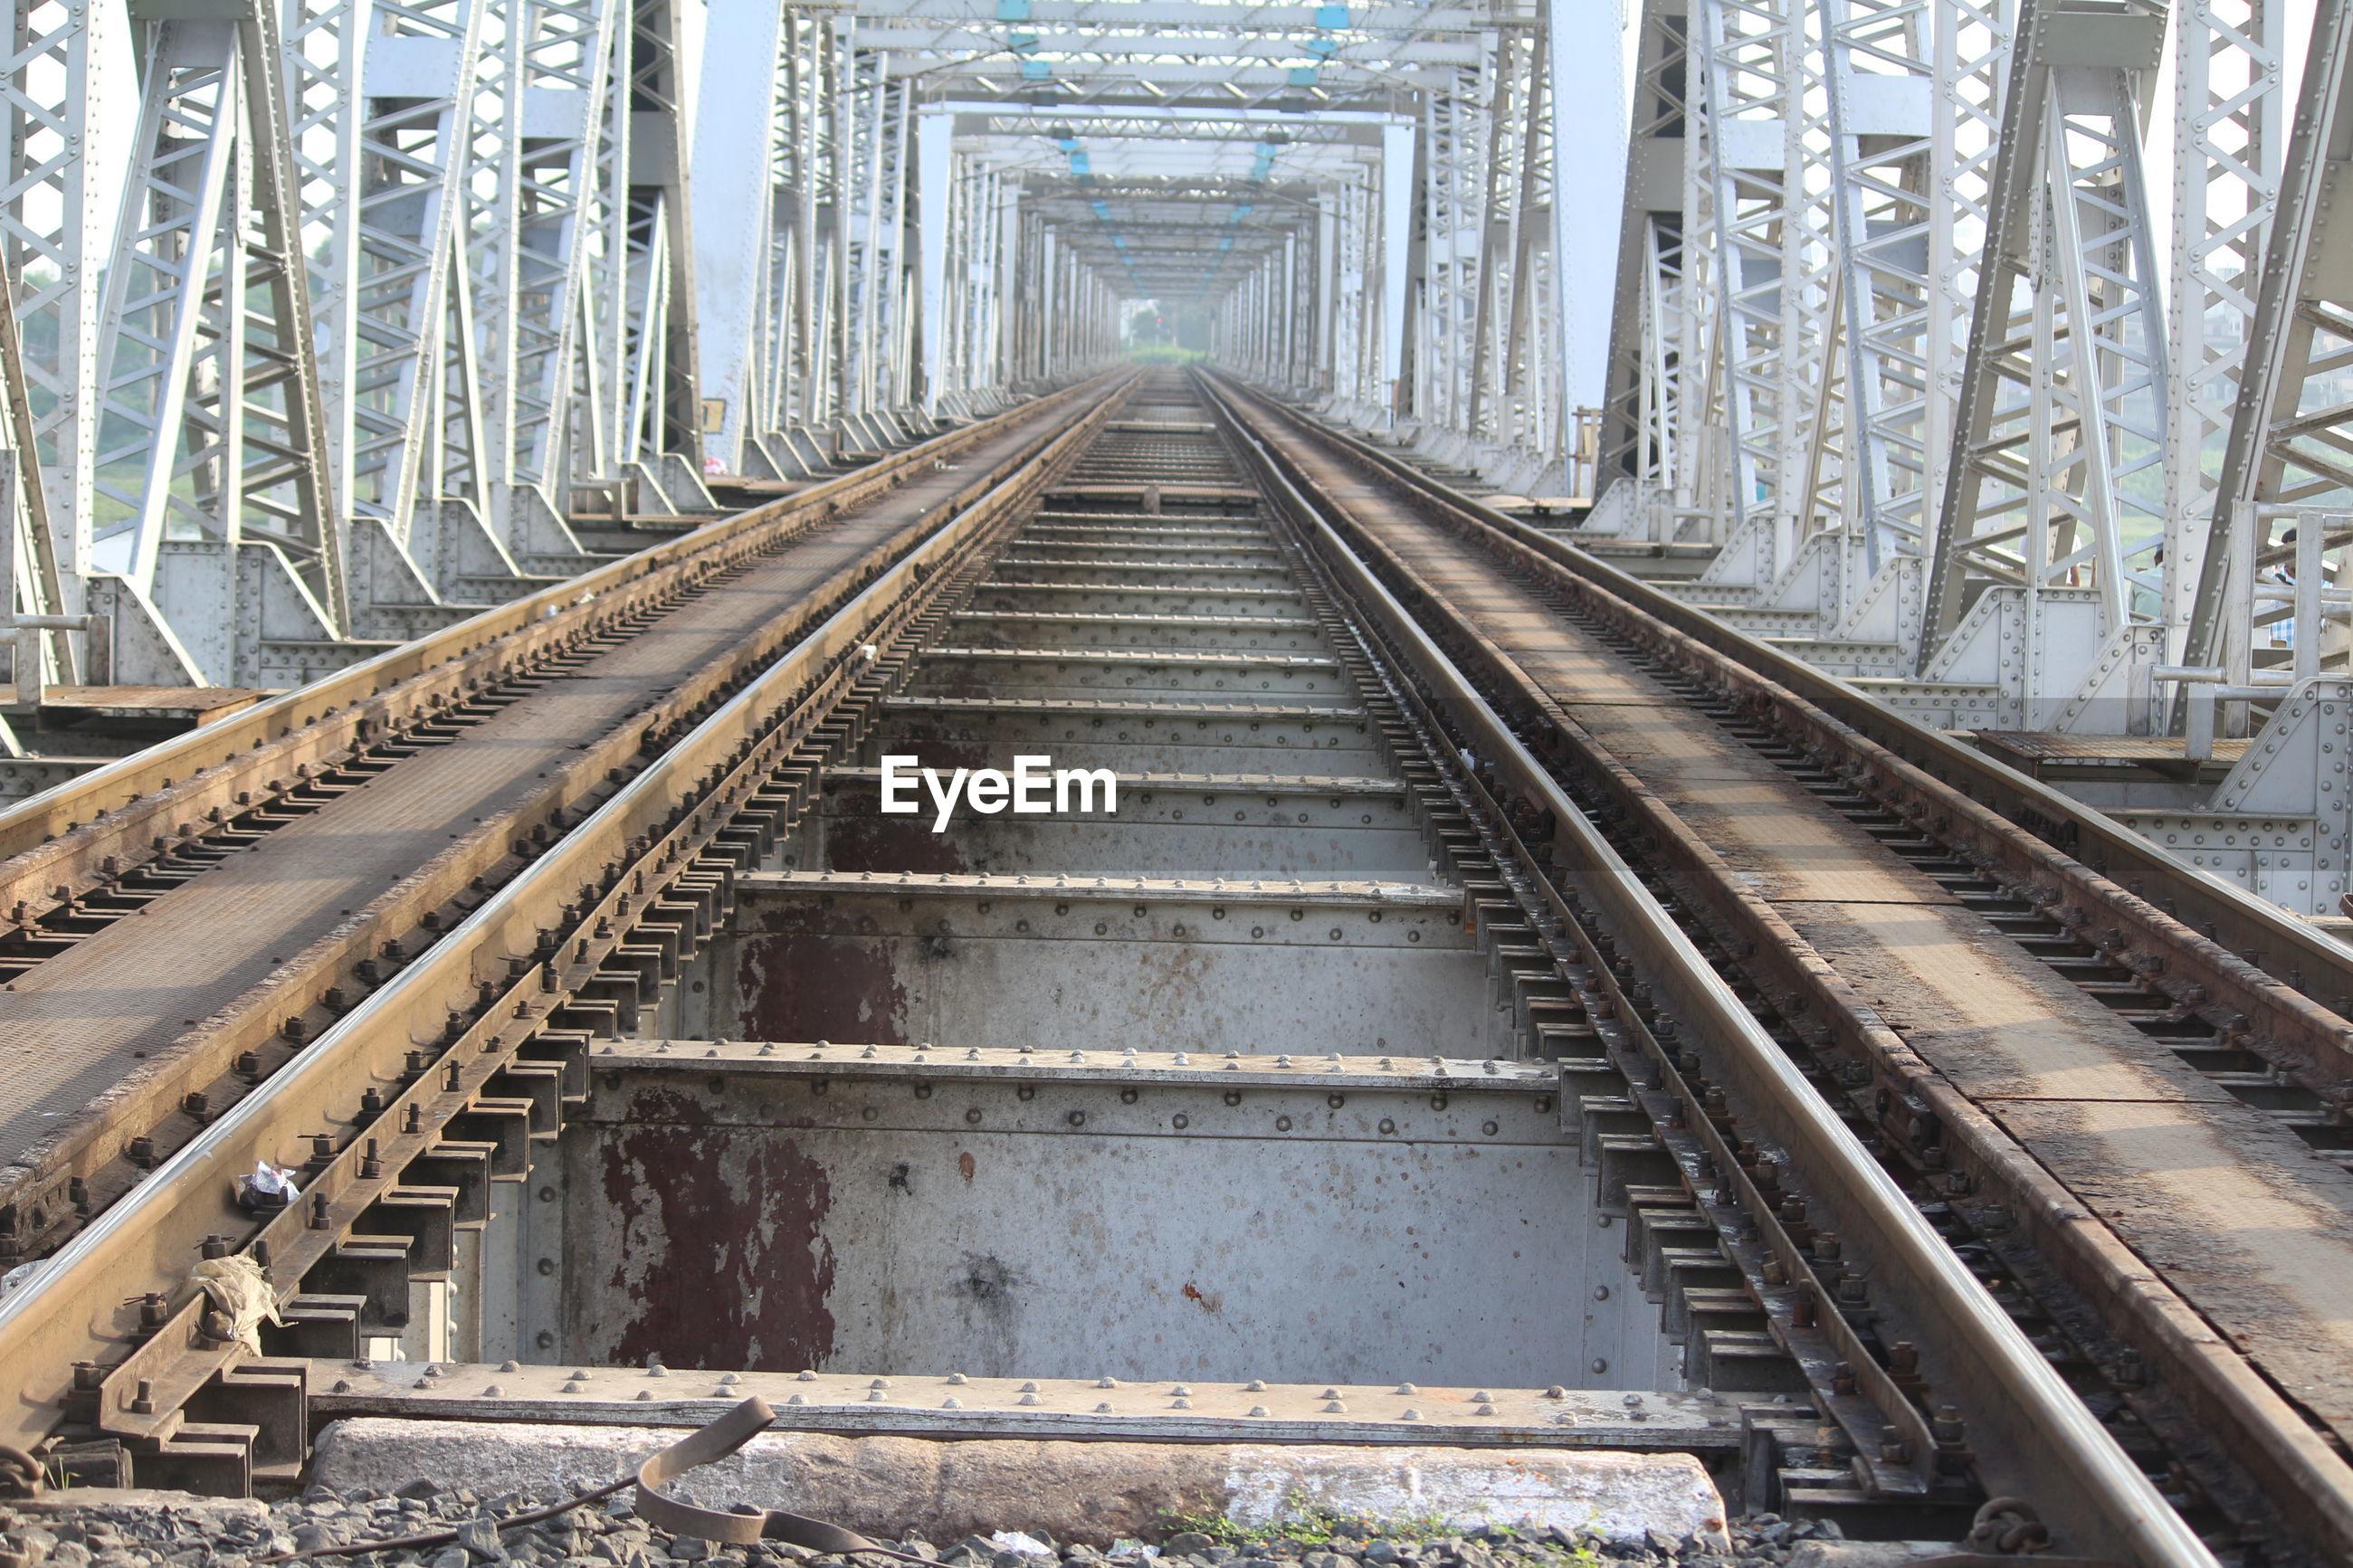 RAILROAD TRACKS ALONG BRIDGE